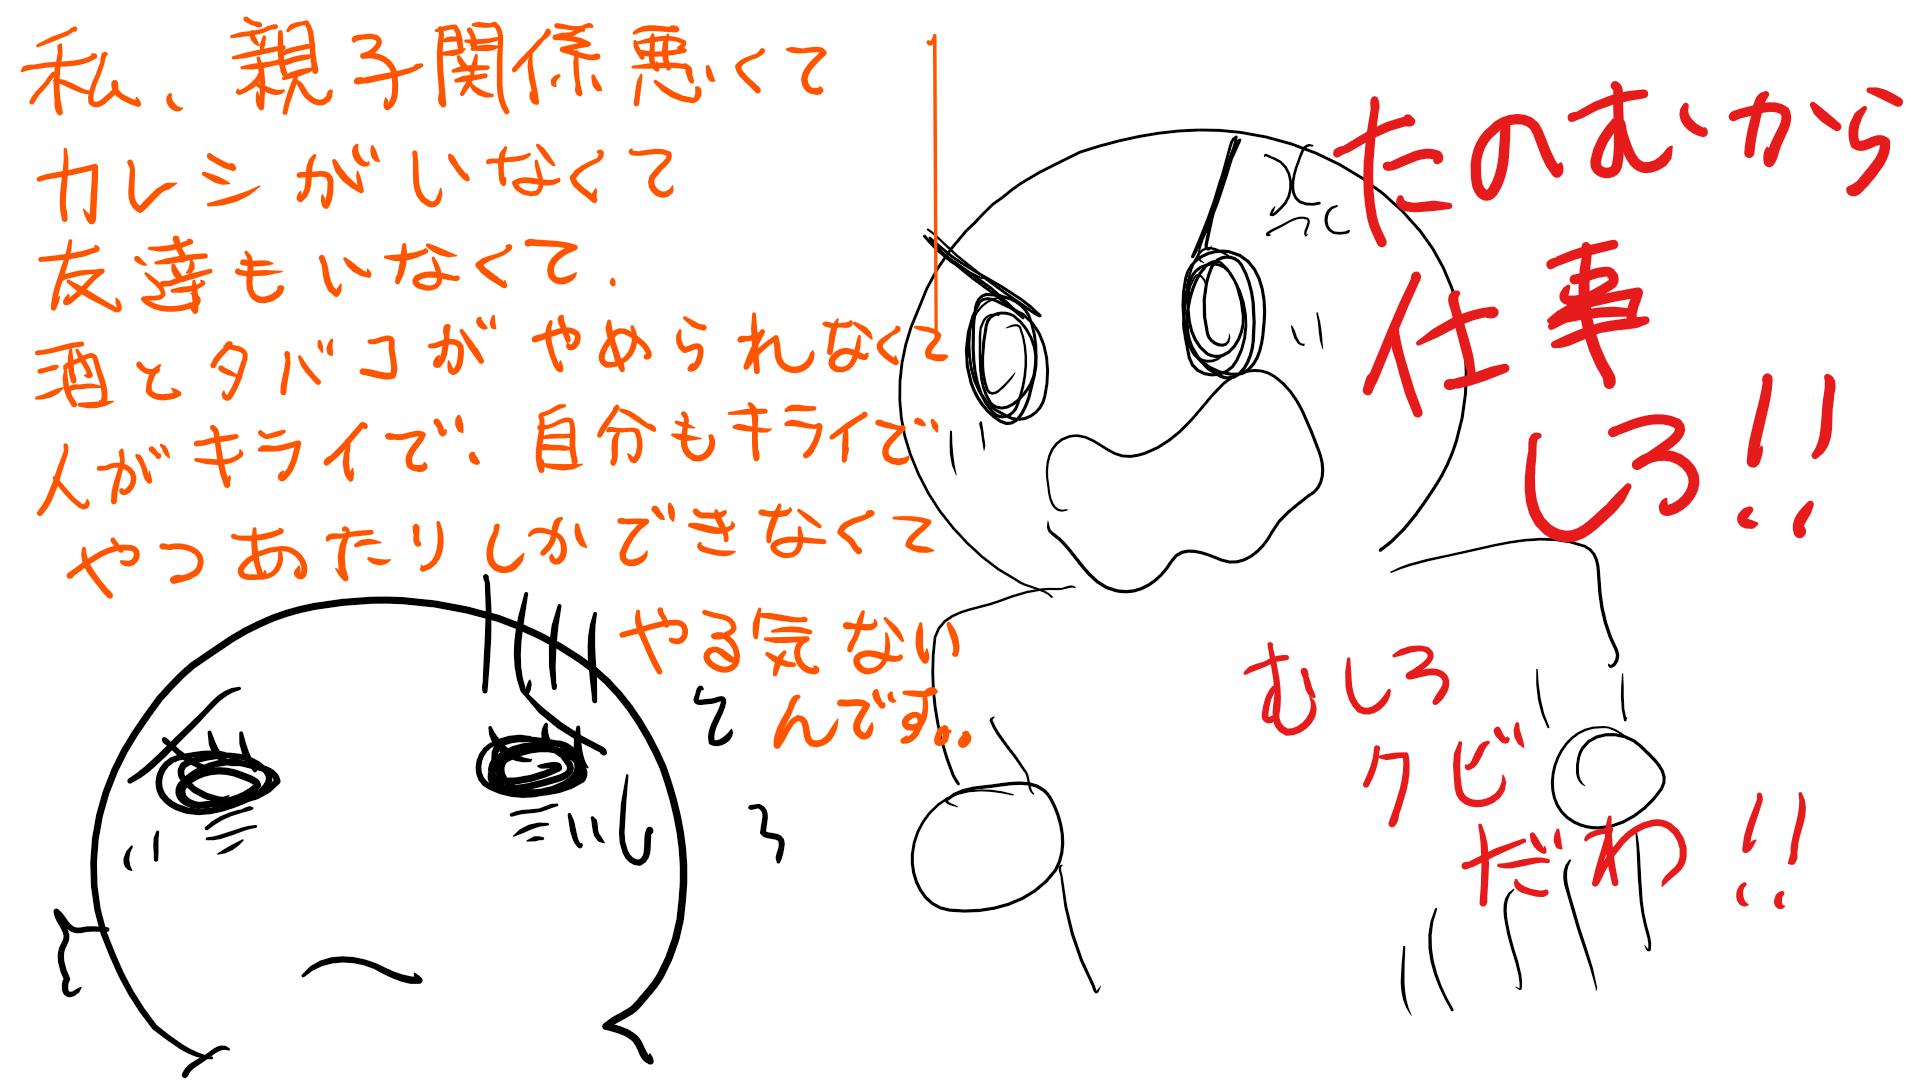 スケッチ (2)